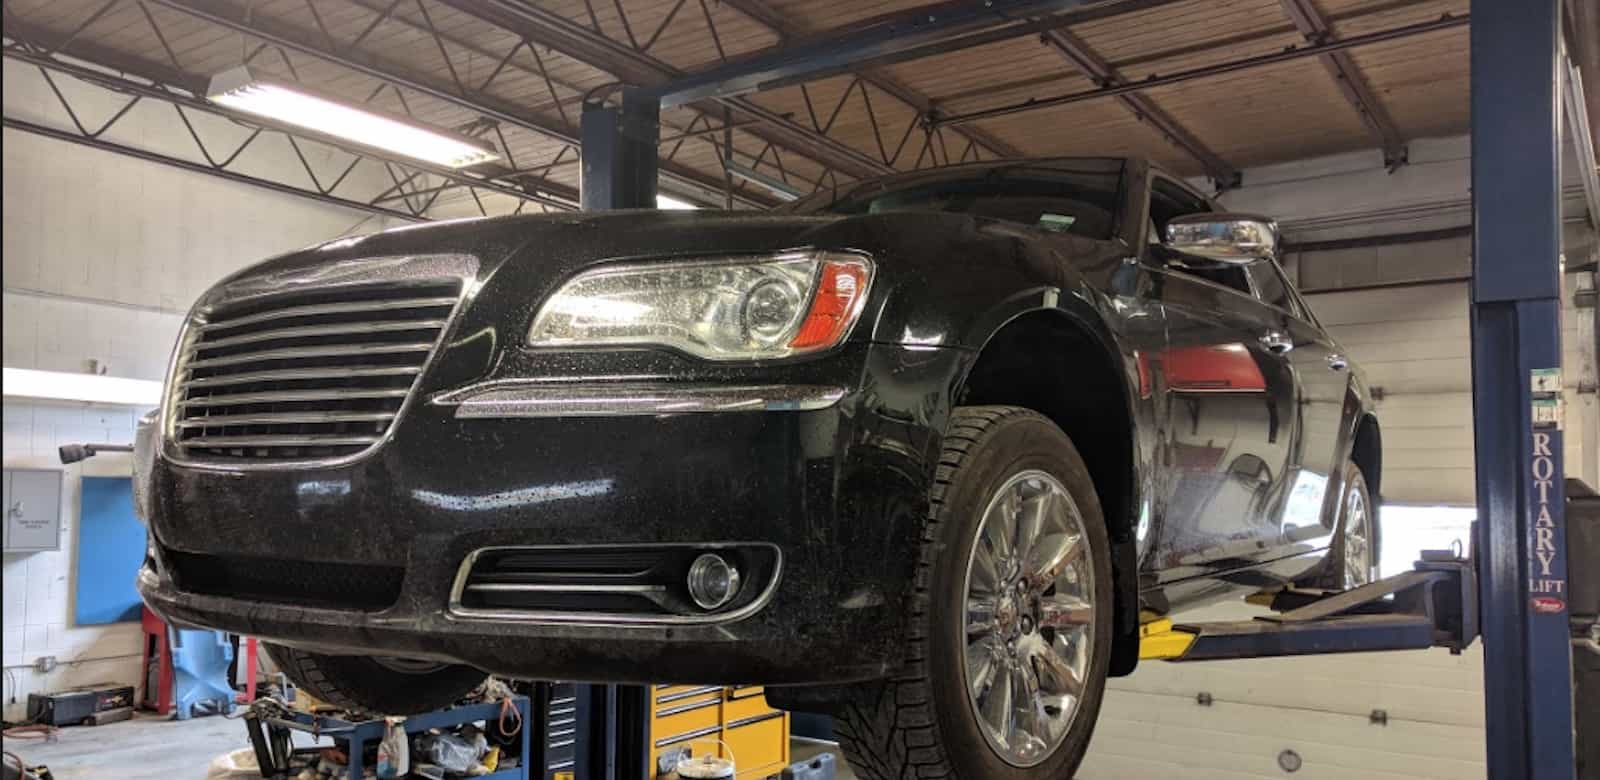 Get your car serviced at DJs Garage slider